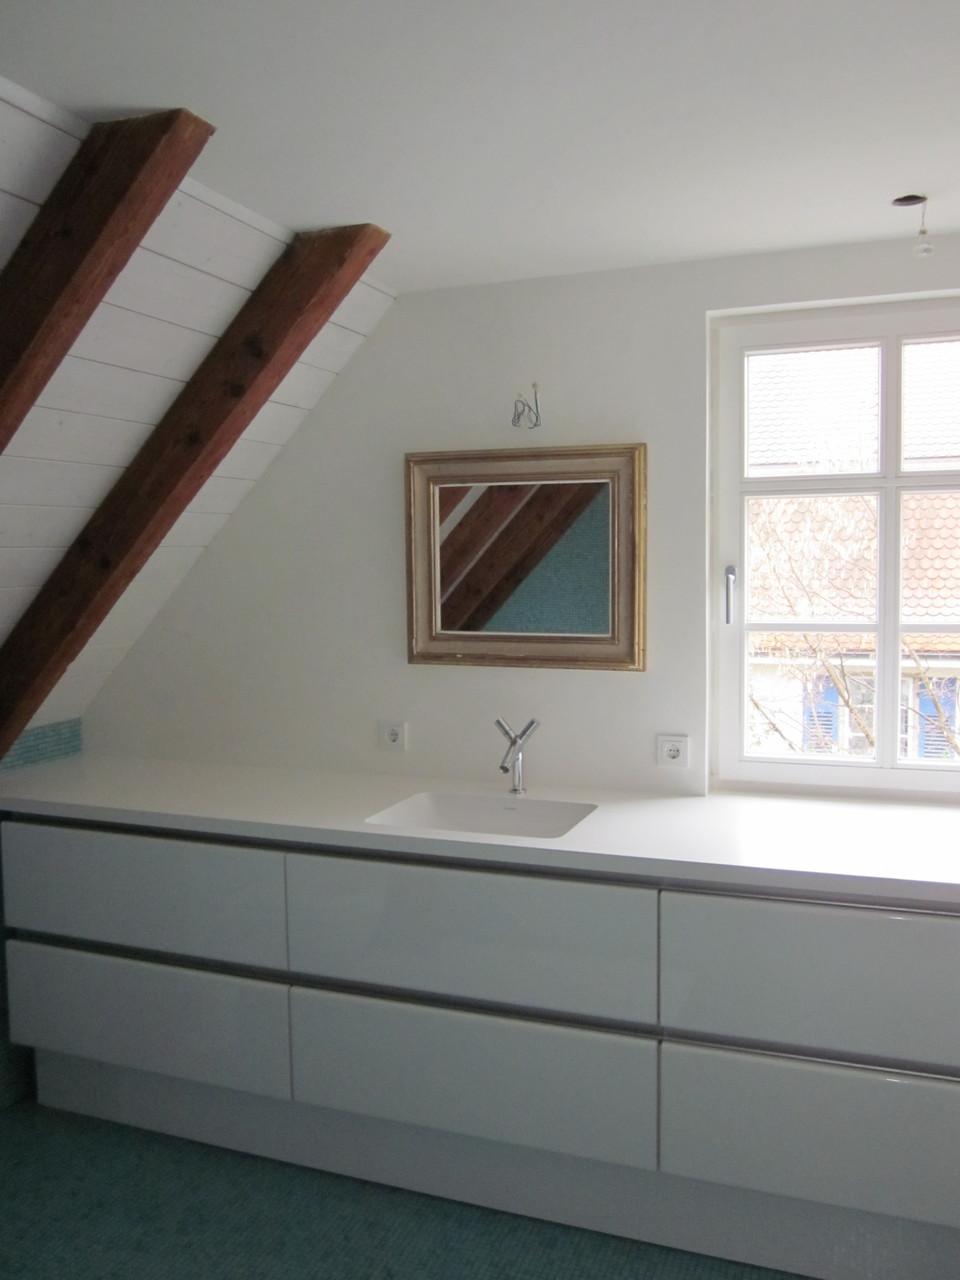 Badezimmermöbel mit Waschtischunterschrank mit flächenbündig eingebautem Duravit Waschbecken Starck 3 Einbauwaschtisch